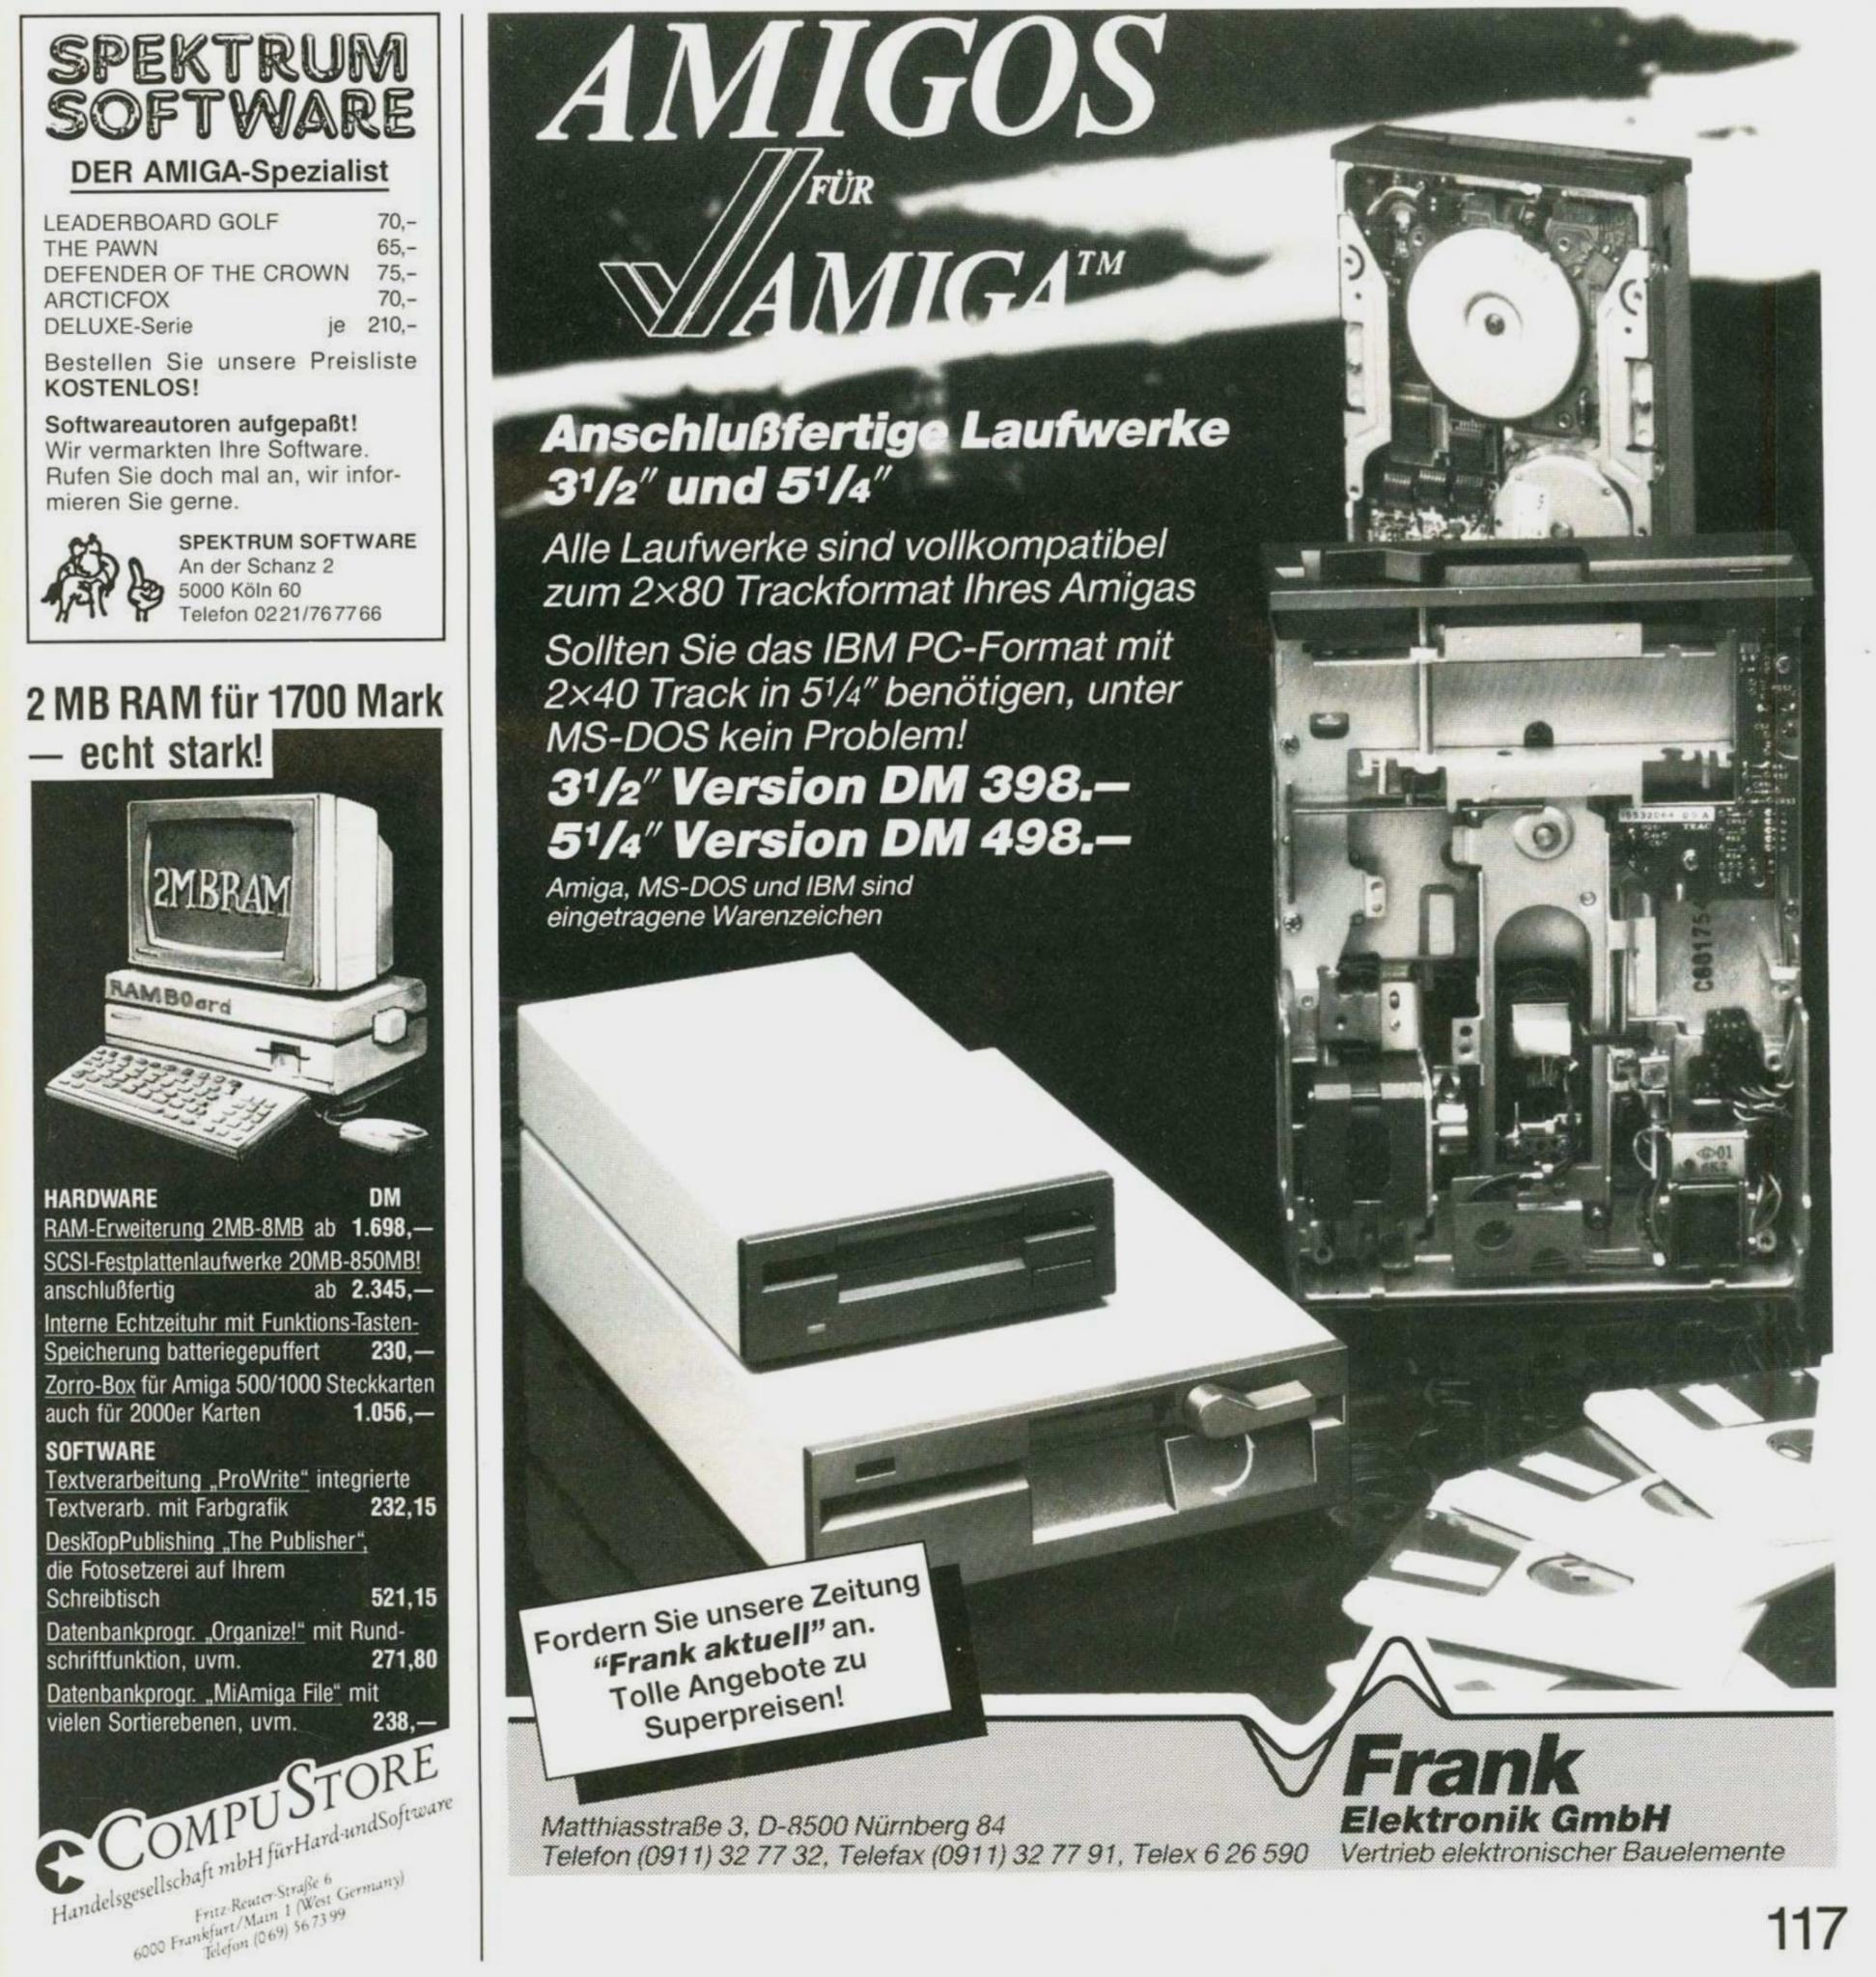 Werbung im Amiga Magazin von 1987.